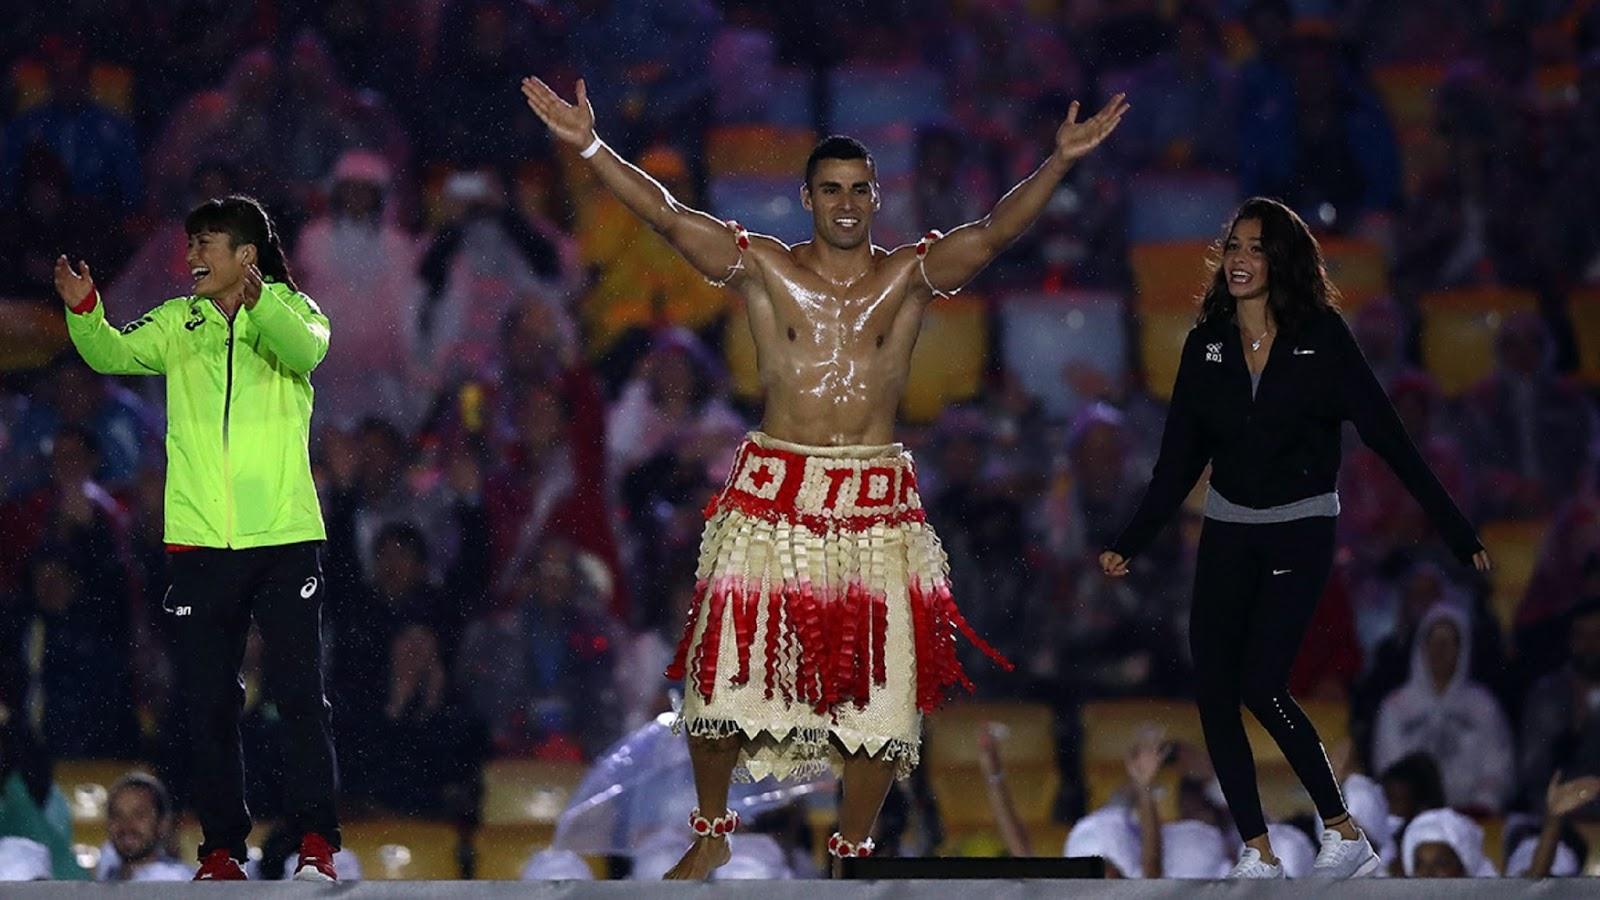 RIO OLYMPICS 2016 CLOSING CEREMONY 8